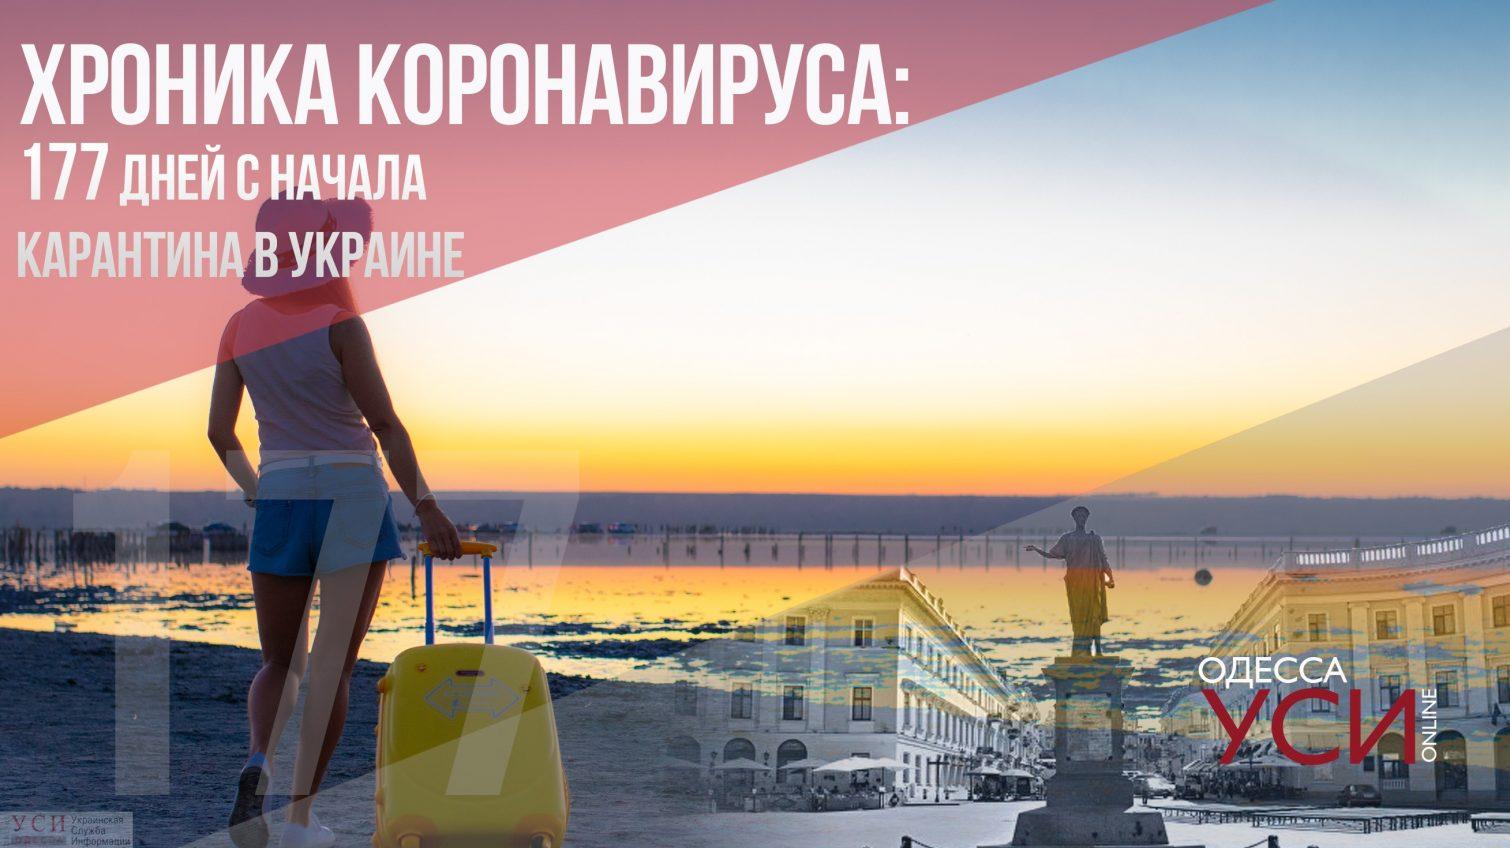 Хроника коронавируса: 177 дней с начала карантина в Украине «фото»